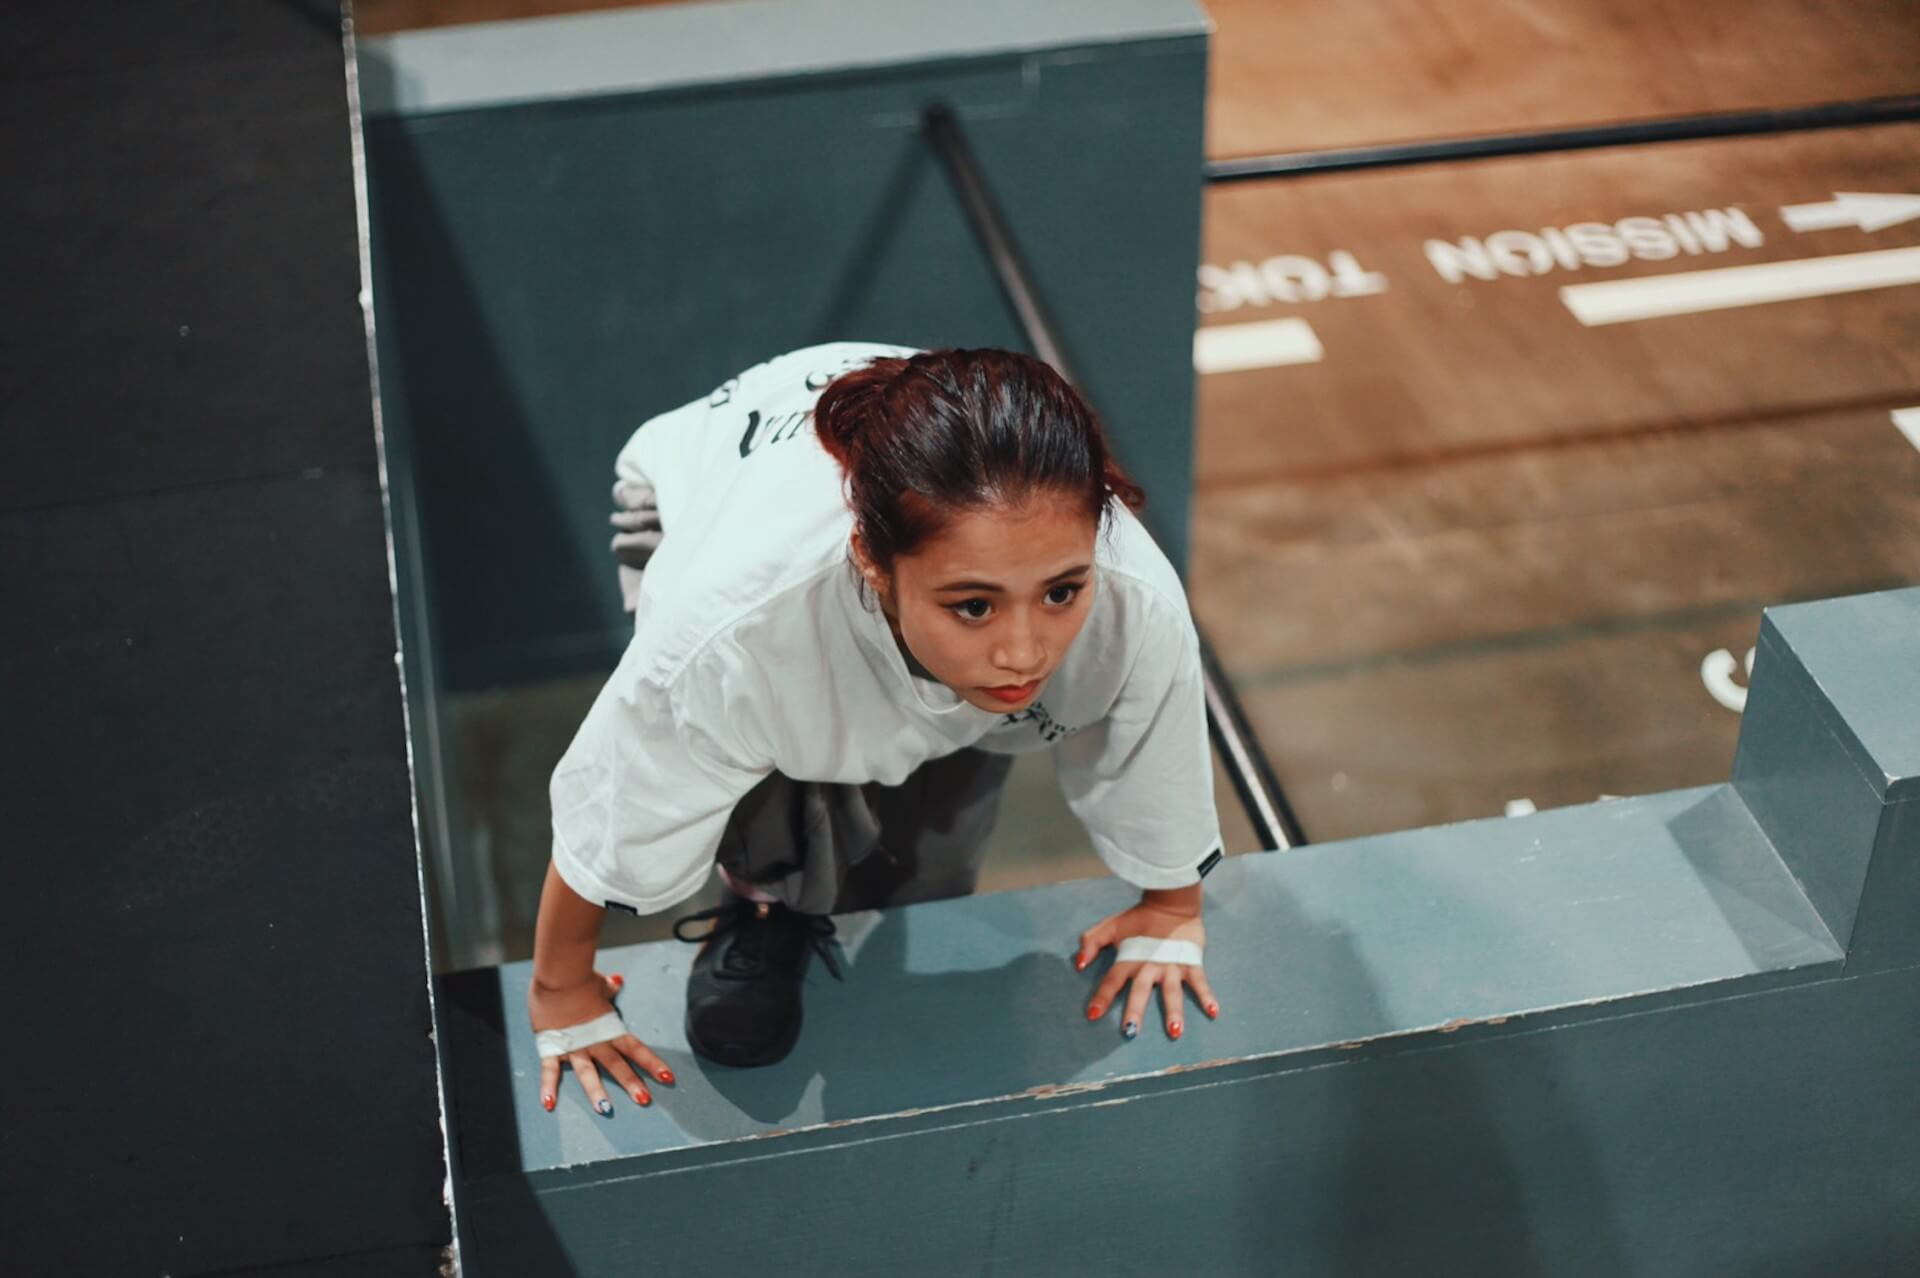 テラハで話題の「パルクールちゃん」こと田辺莉咲子がパルクール日本選手権出場決定! art-culture191017-risako-tanabe-2